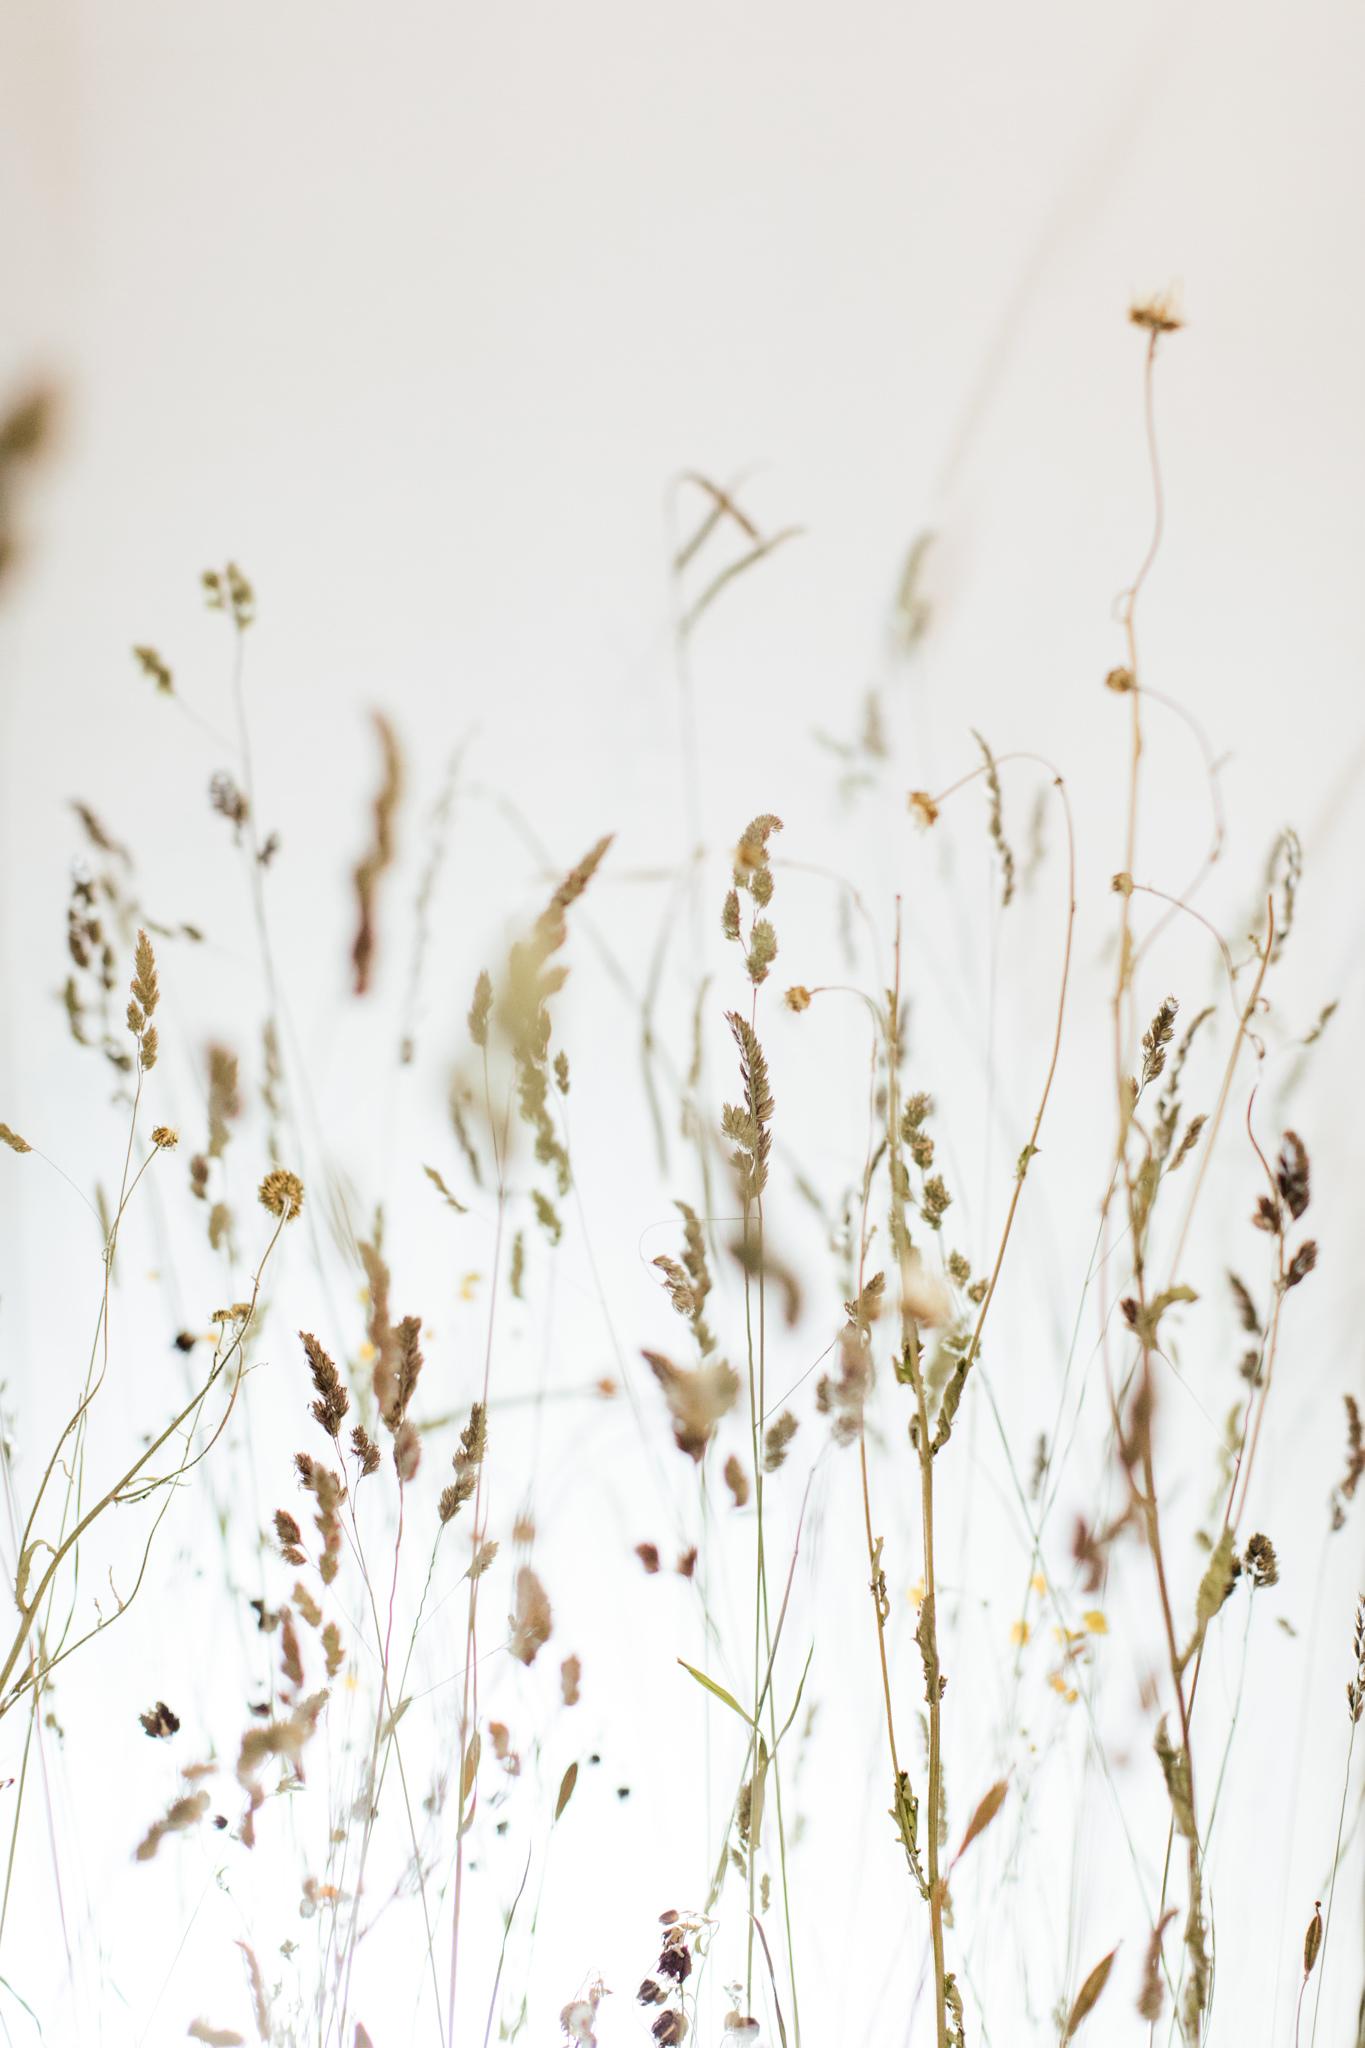 Herbarium_Joanne-Crawford-6680.JPG